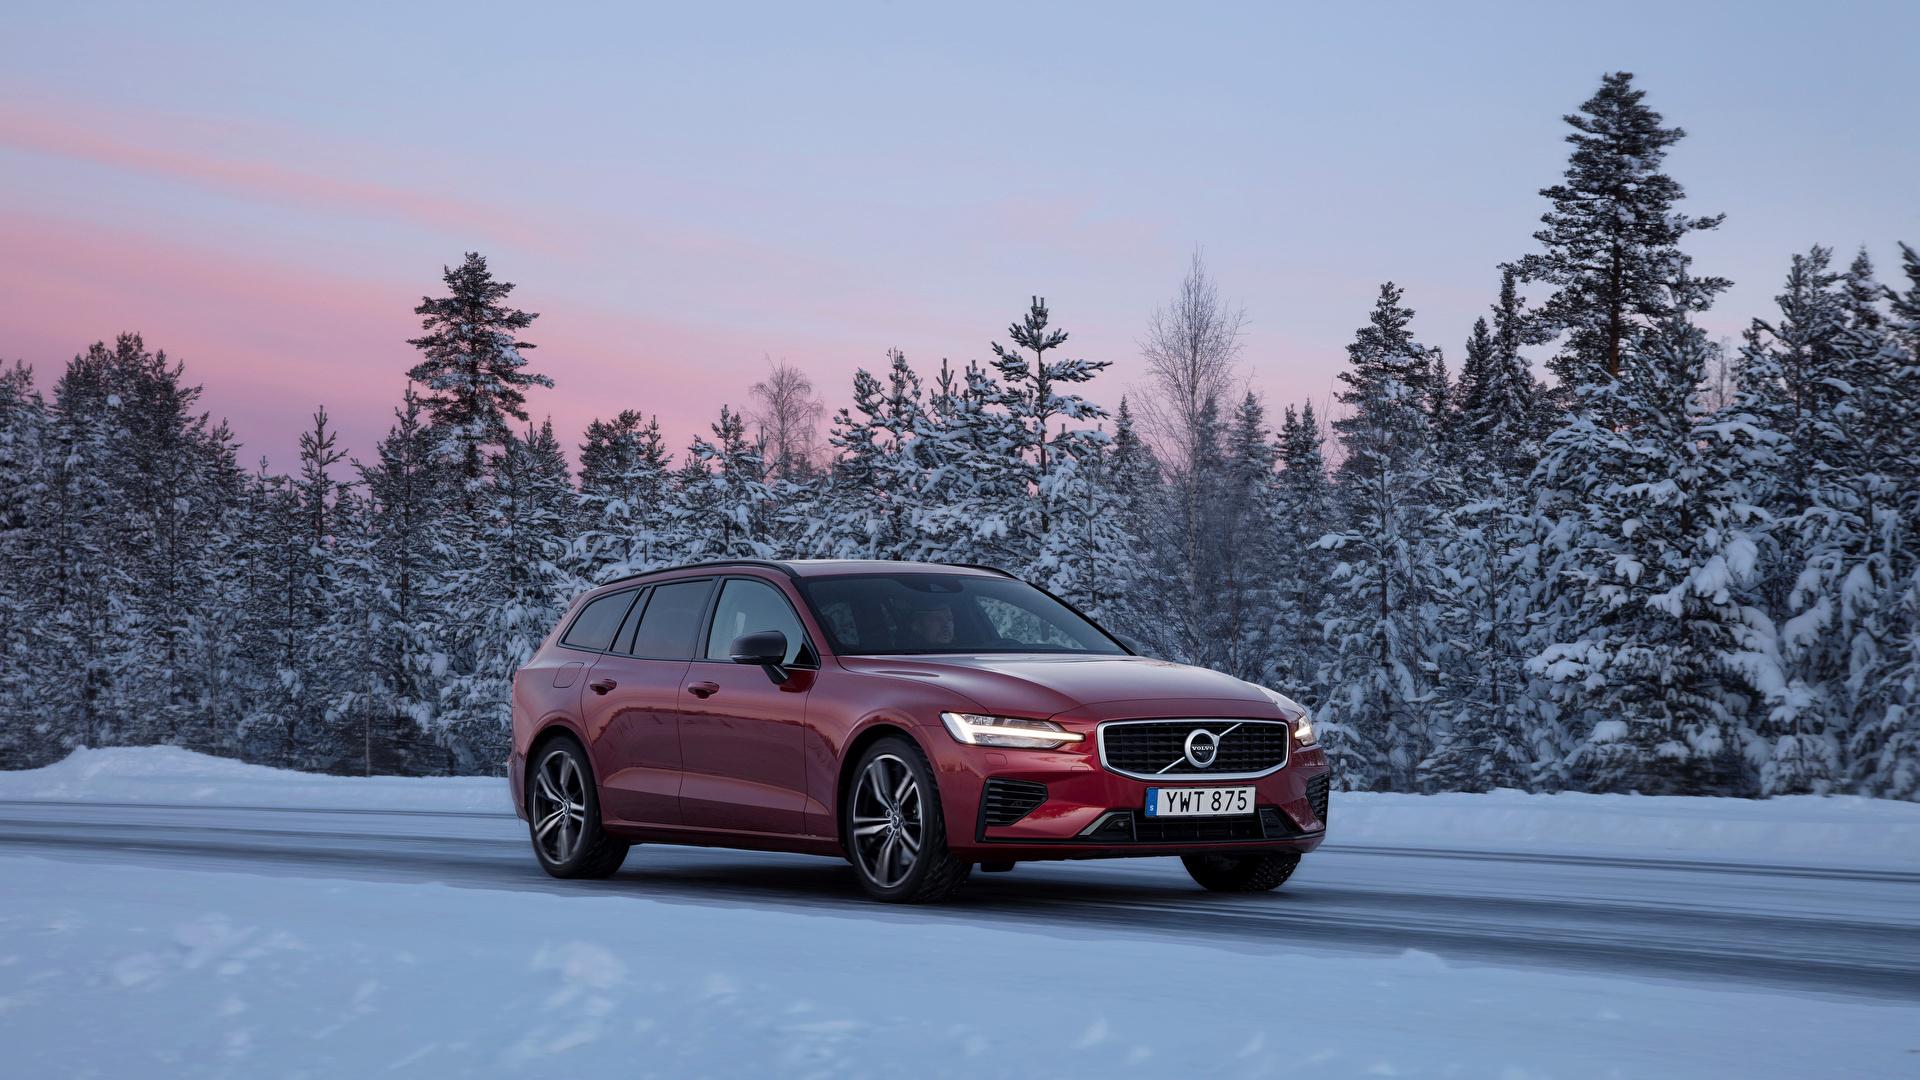 Картинки Вольво 2018-19 V60 T8 R-Design Worldwide бордовые авто Металлик 1920x1080 Volvo бордовая Бордовый темно красный машина машины автомобиль Автомобили